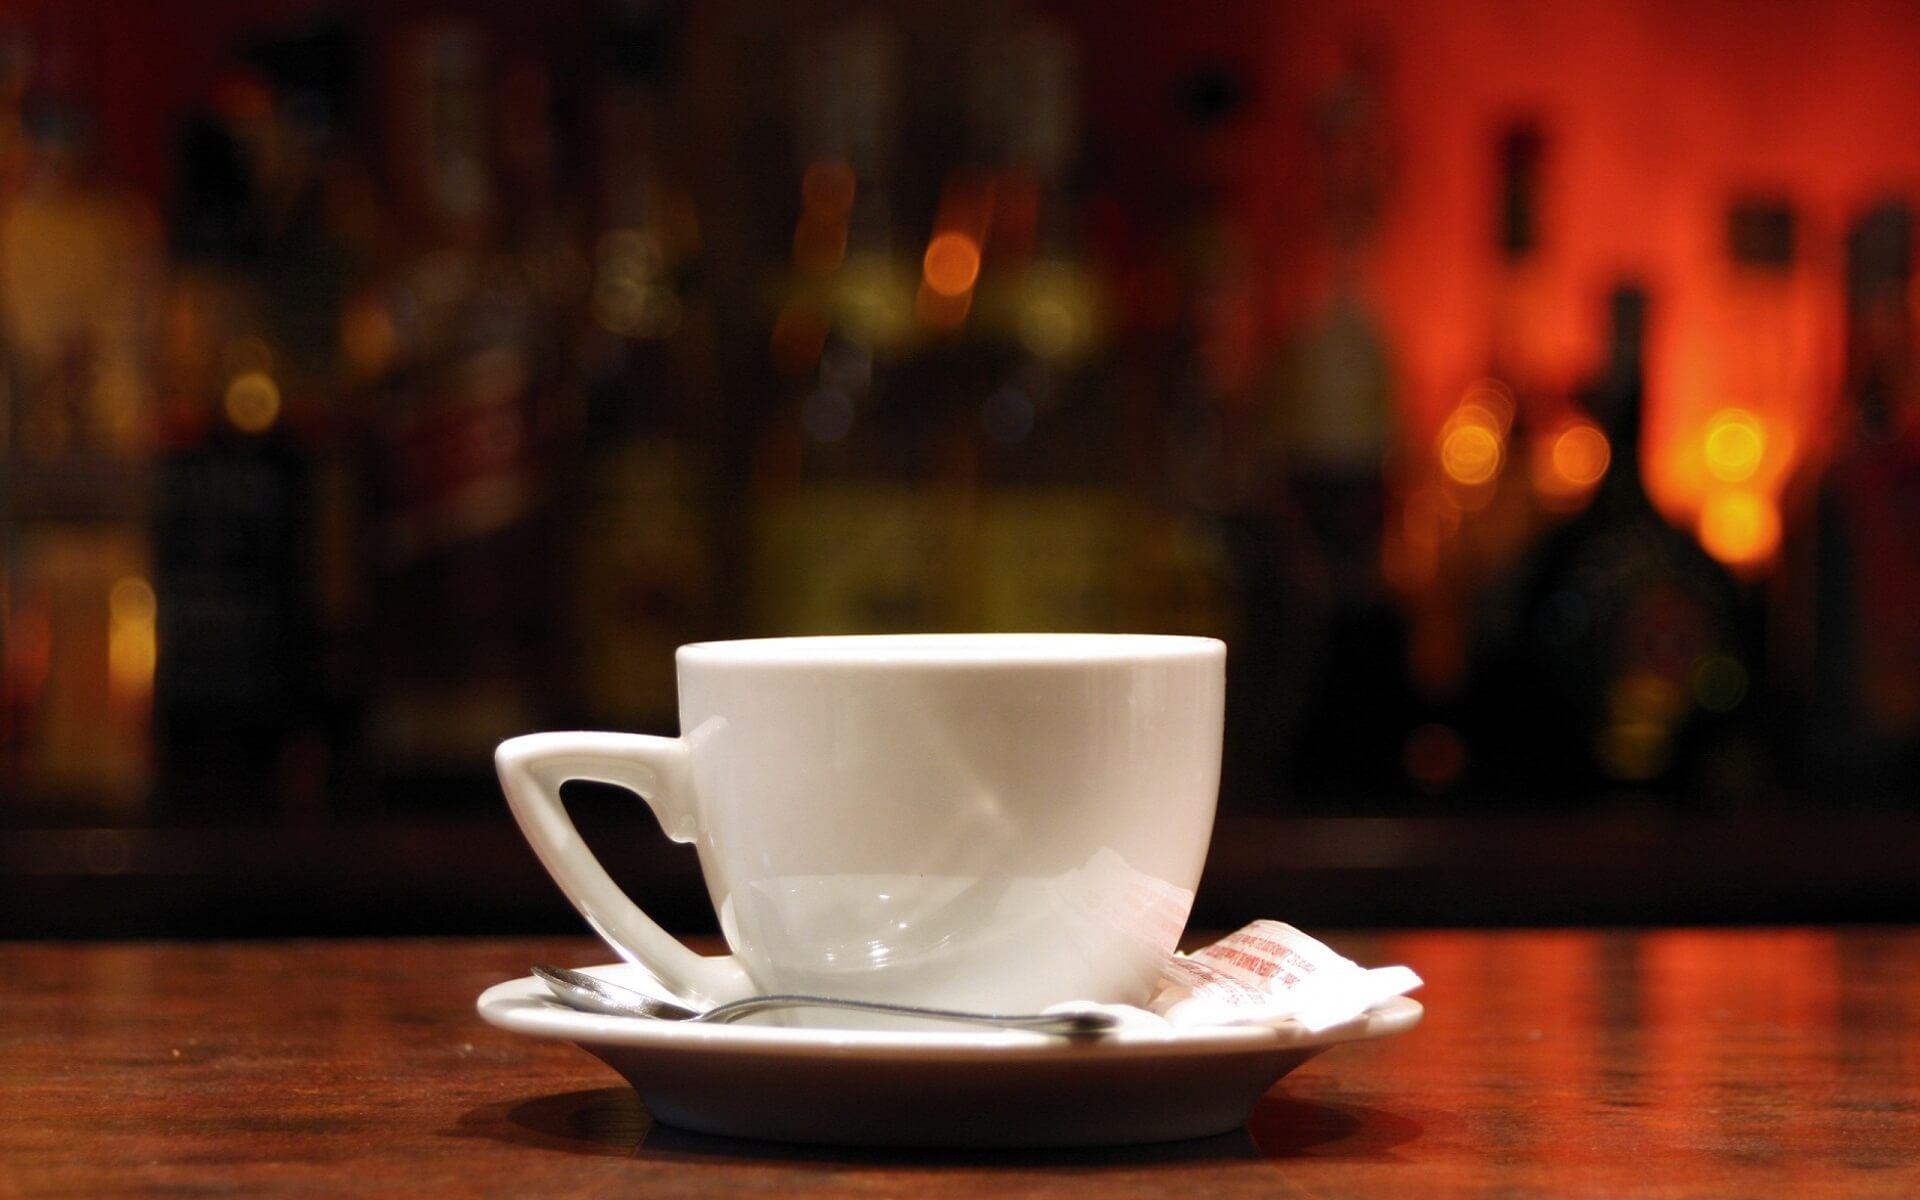 Какие нужны запчасти для ремонта кофемашины